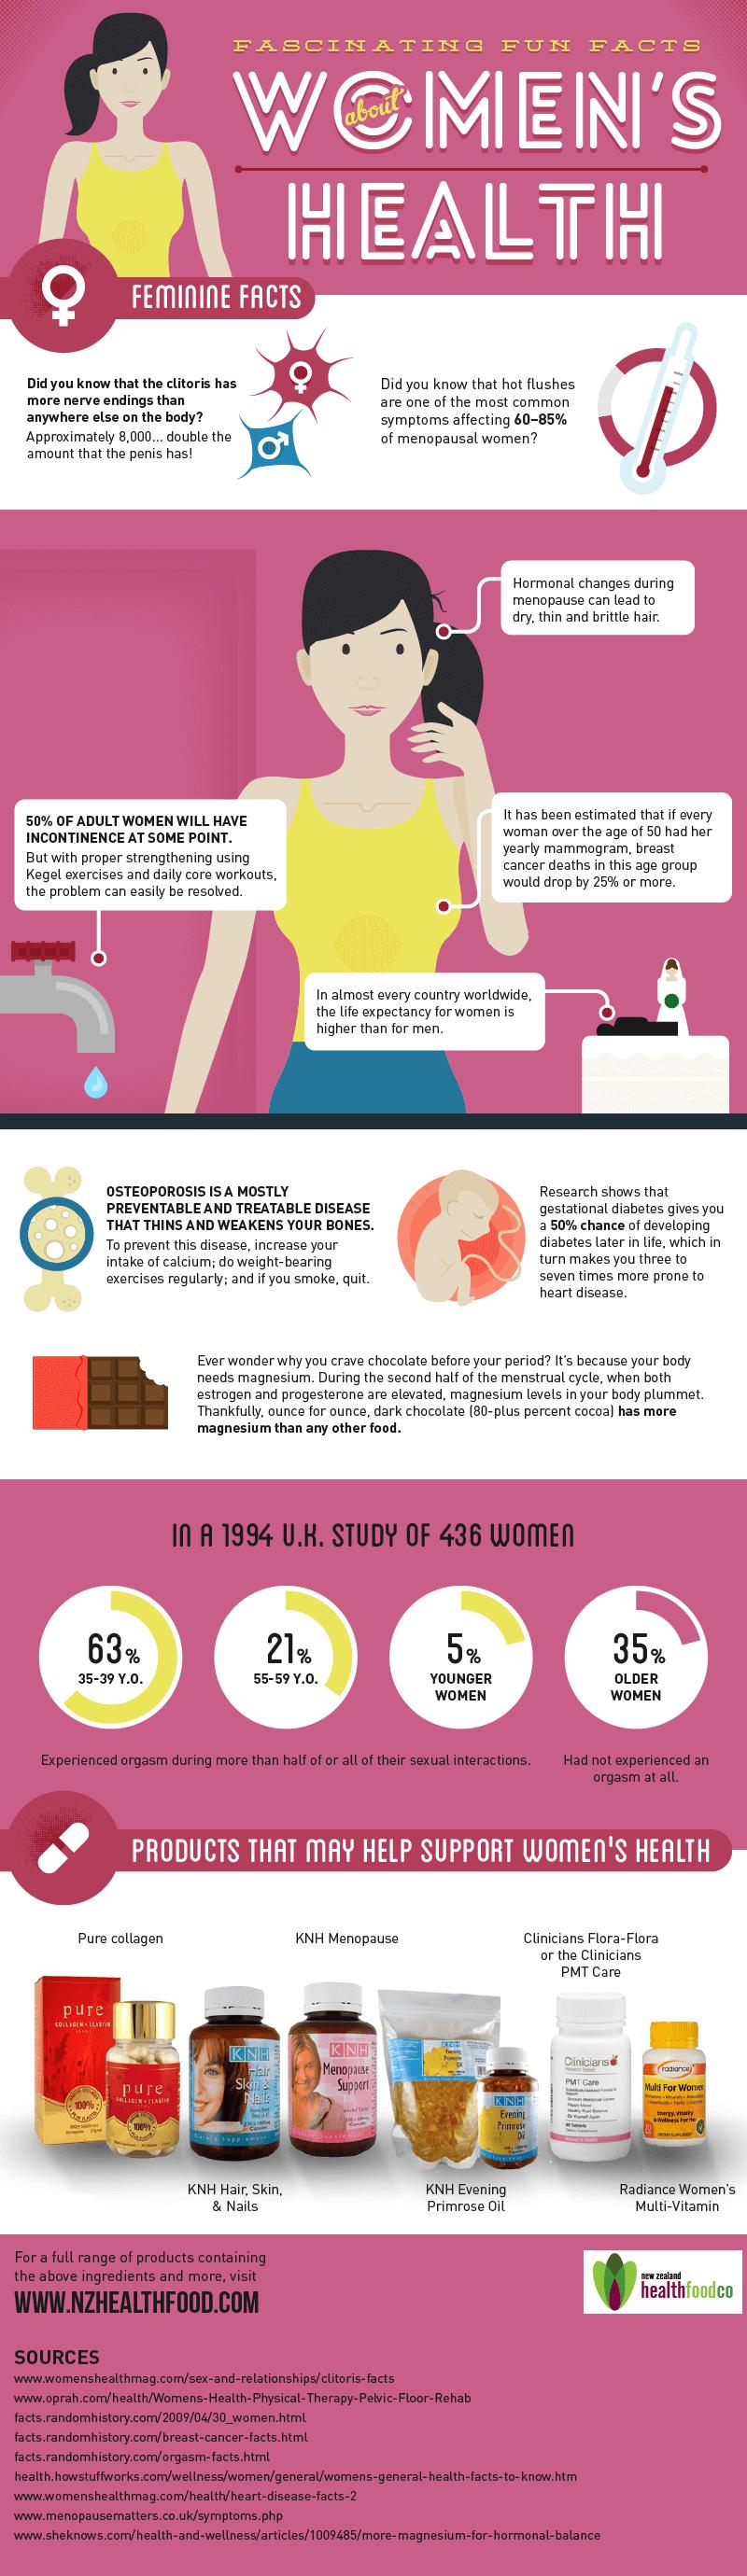 Überblick zum Thema Gesundheit der Frau in form einer Infografik